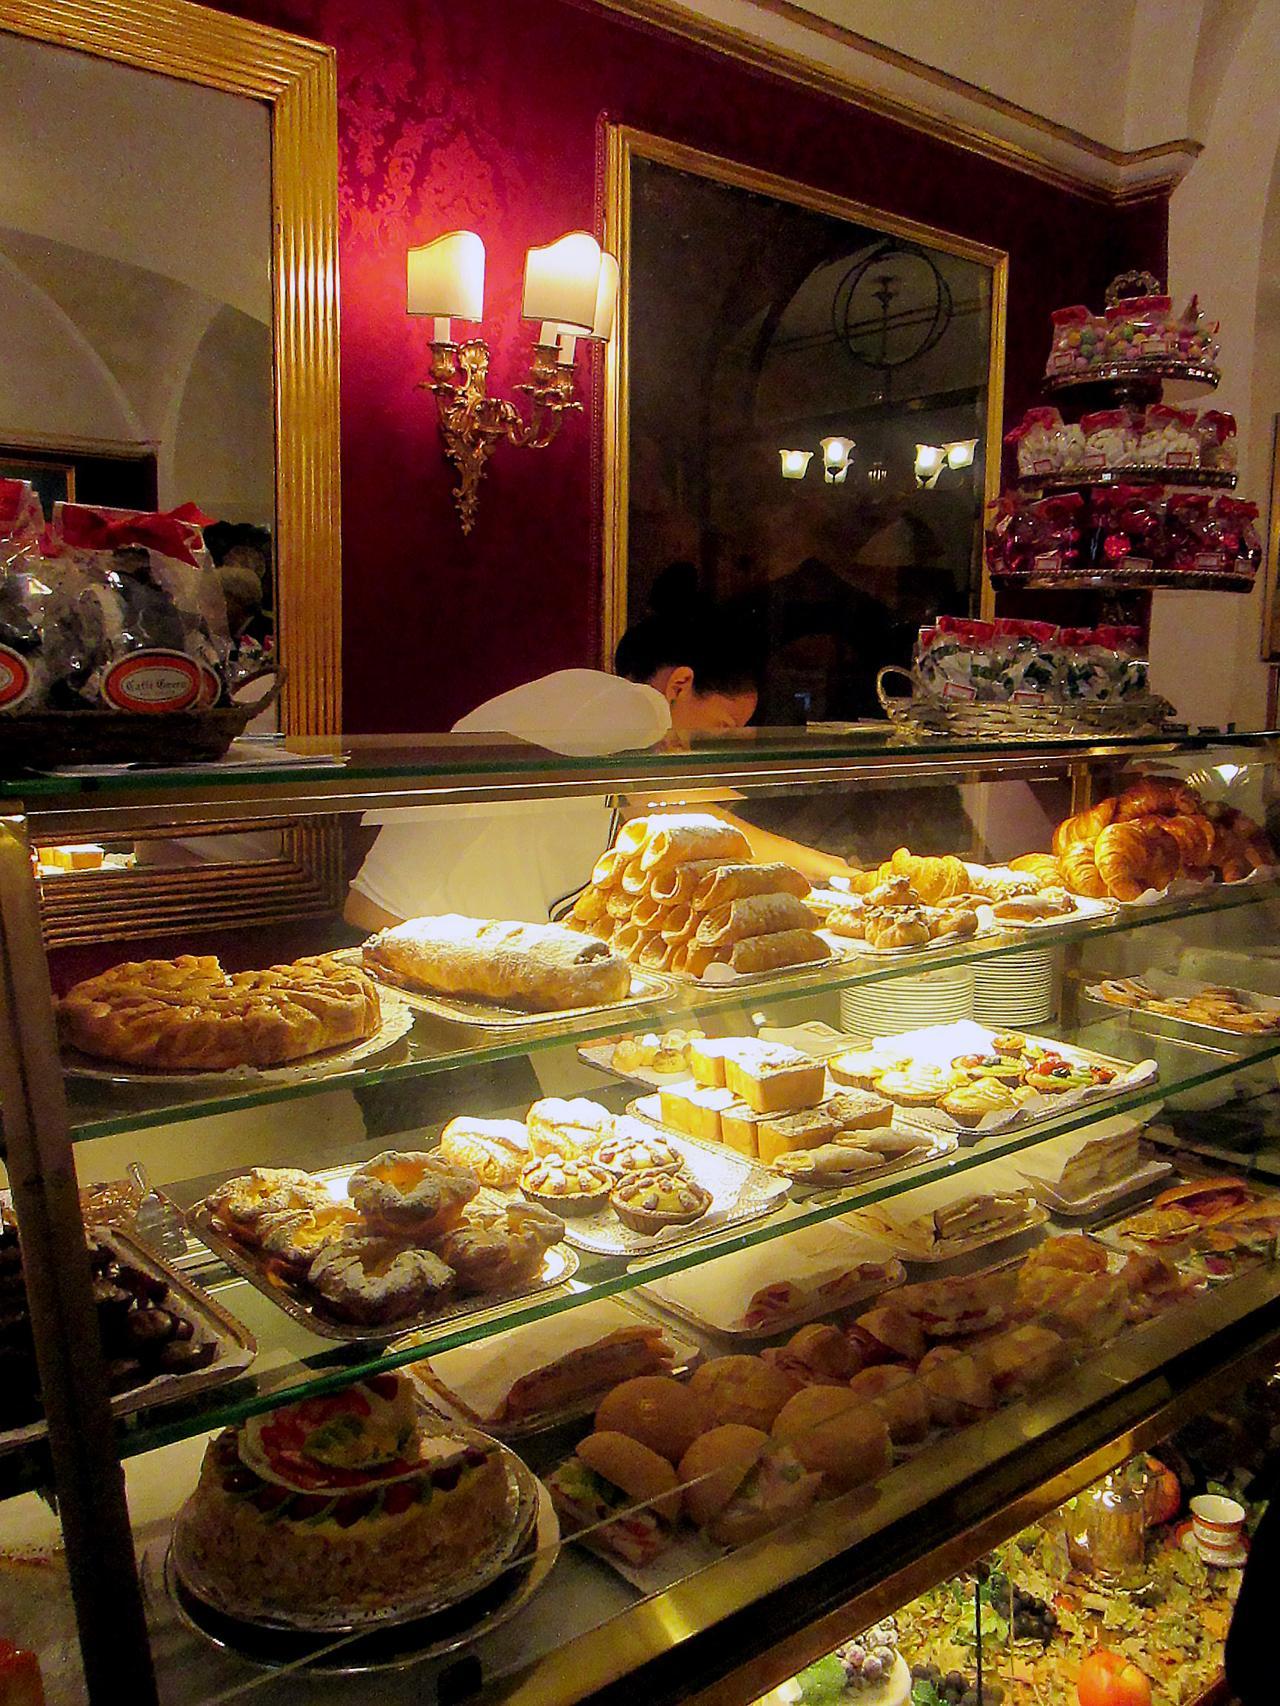 cafe greco cukiernia Rzym